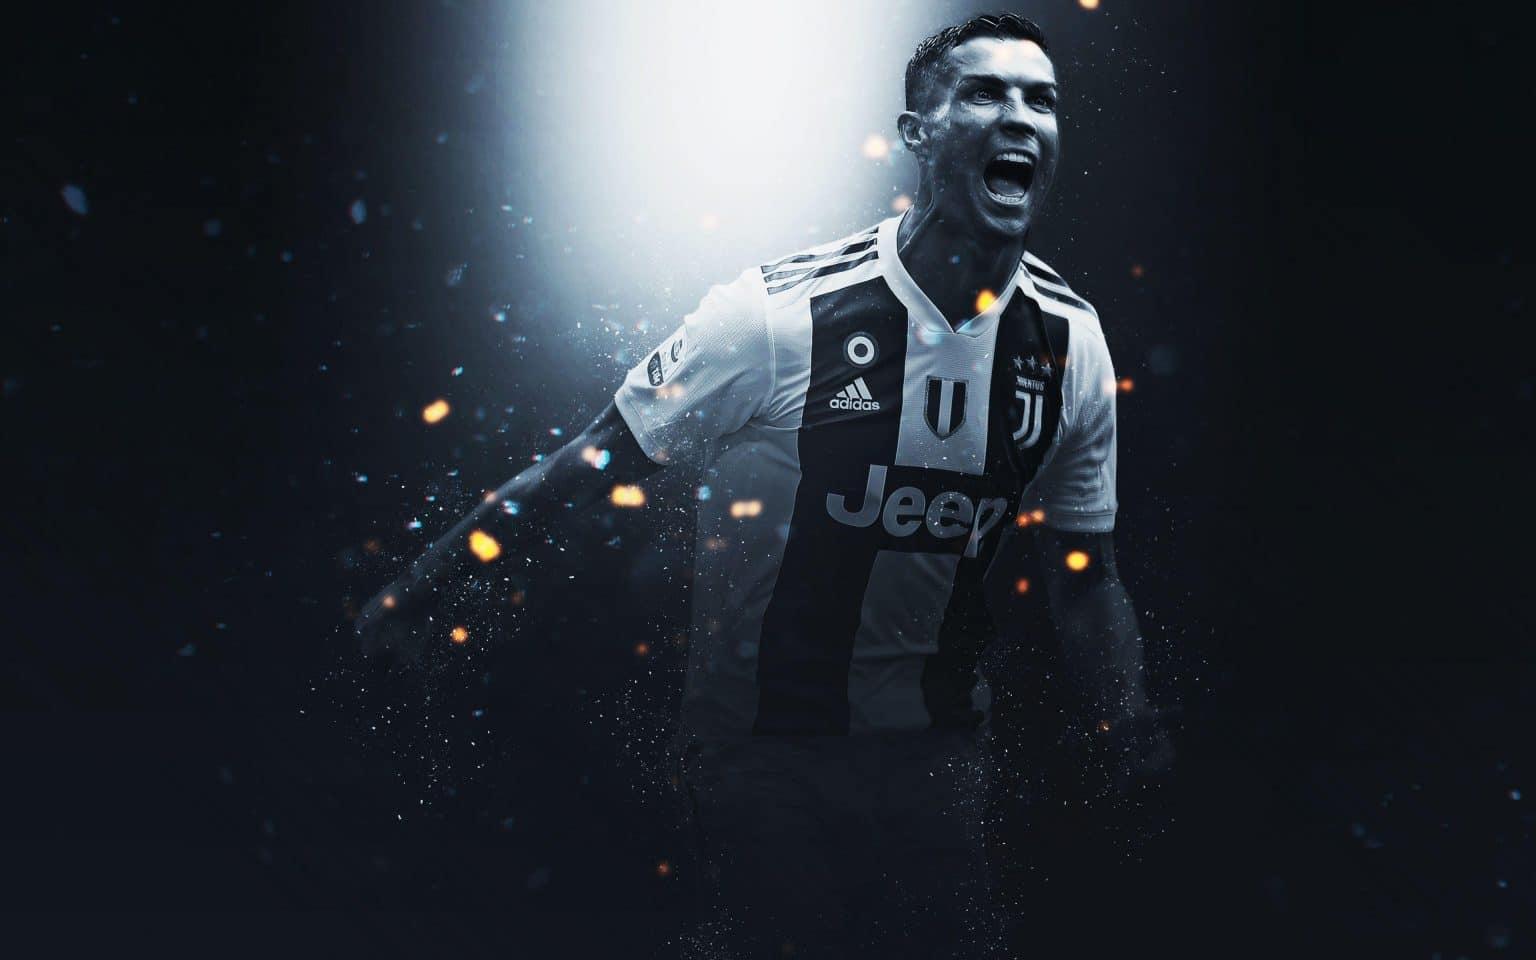 Chiêm Ngưỡng 3000 Hình ảnh Ronaldo đẹp Nhất Thế Giới 22